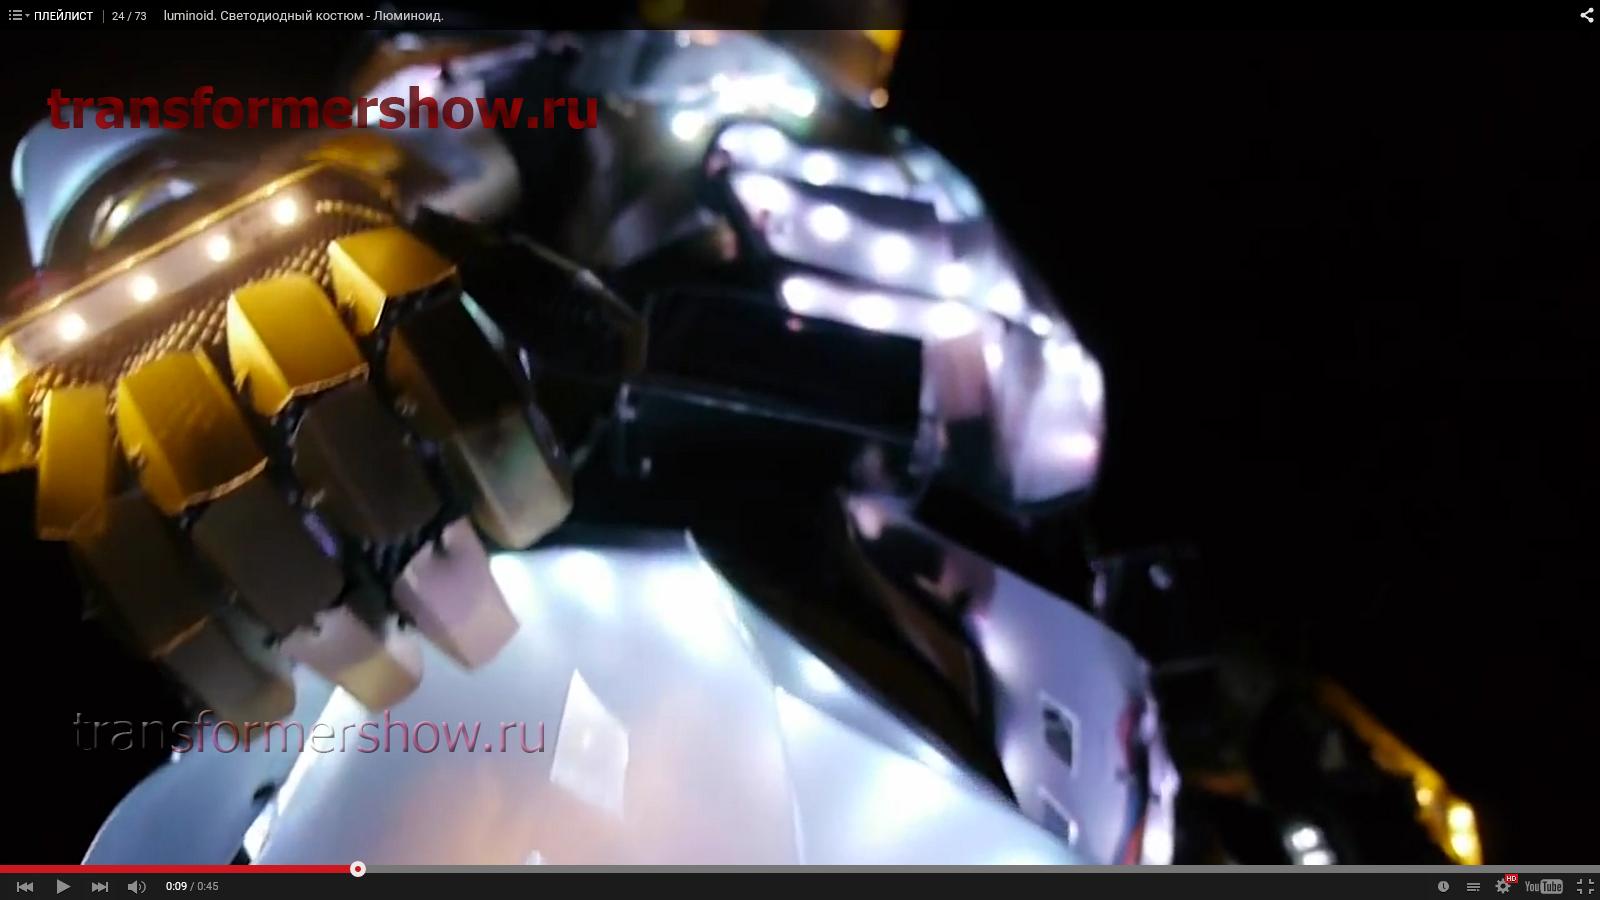 lumi-robot